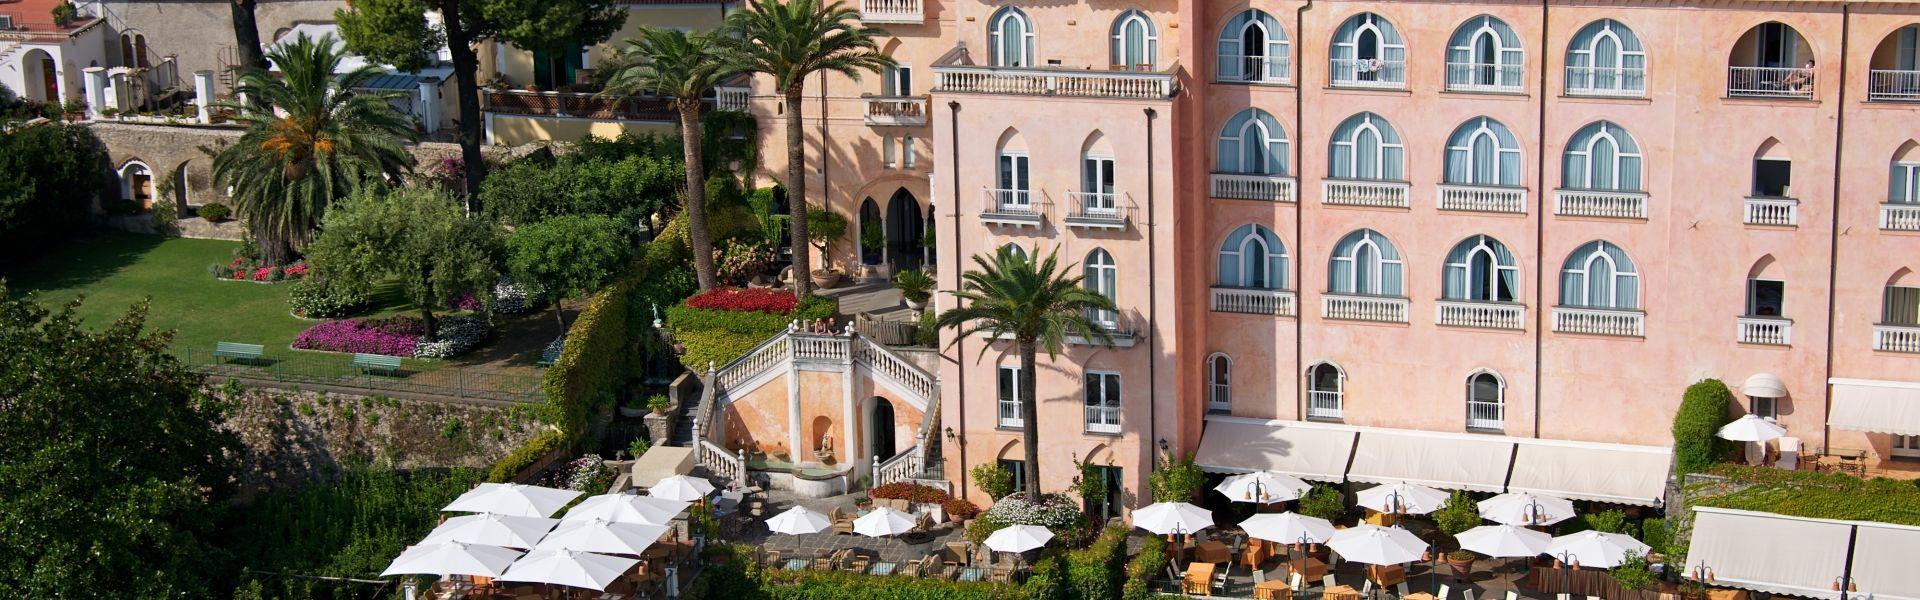 palazzo-avino-amalfi-coast